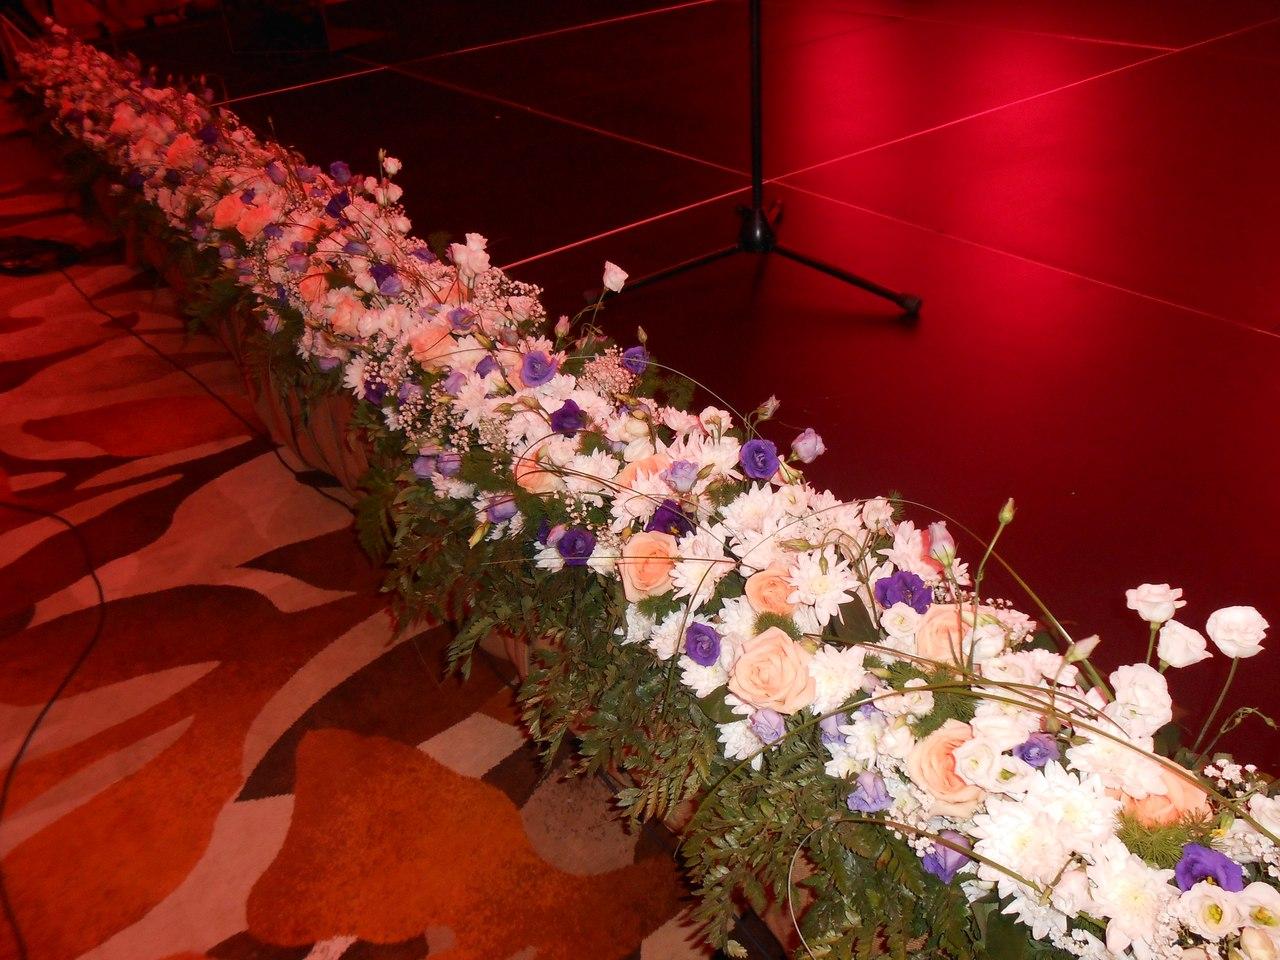 распространённые цветы для украшения сцены картинки гарнитур заказ стародубе